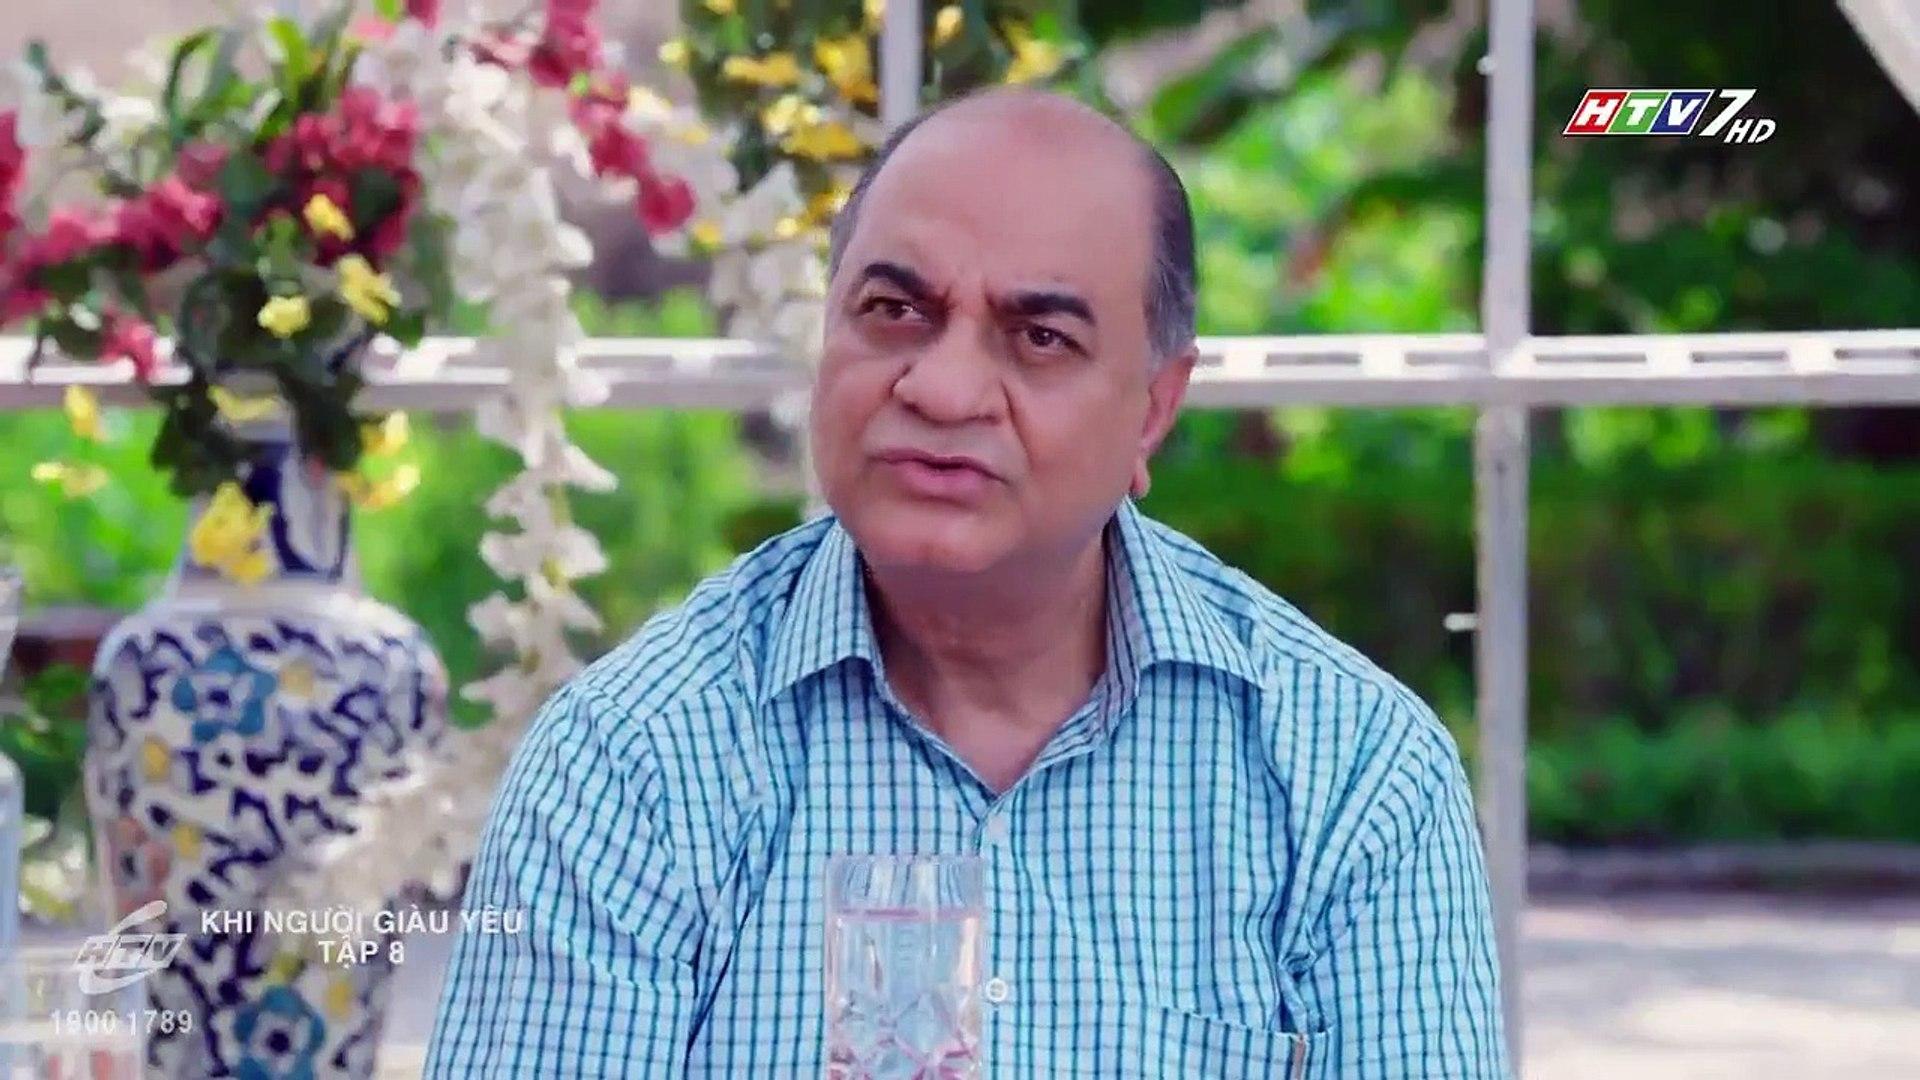 Khi Người Giàu Yêu Tập 8 - HTV7 Lồng Tiếng - Phim Ấn Độ - Phim Khi Nguoi Giau Yeu Tap 8 - Phim Khi N